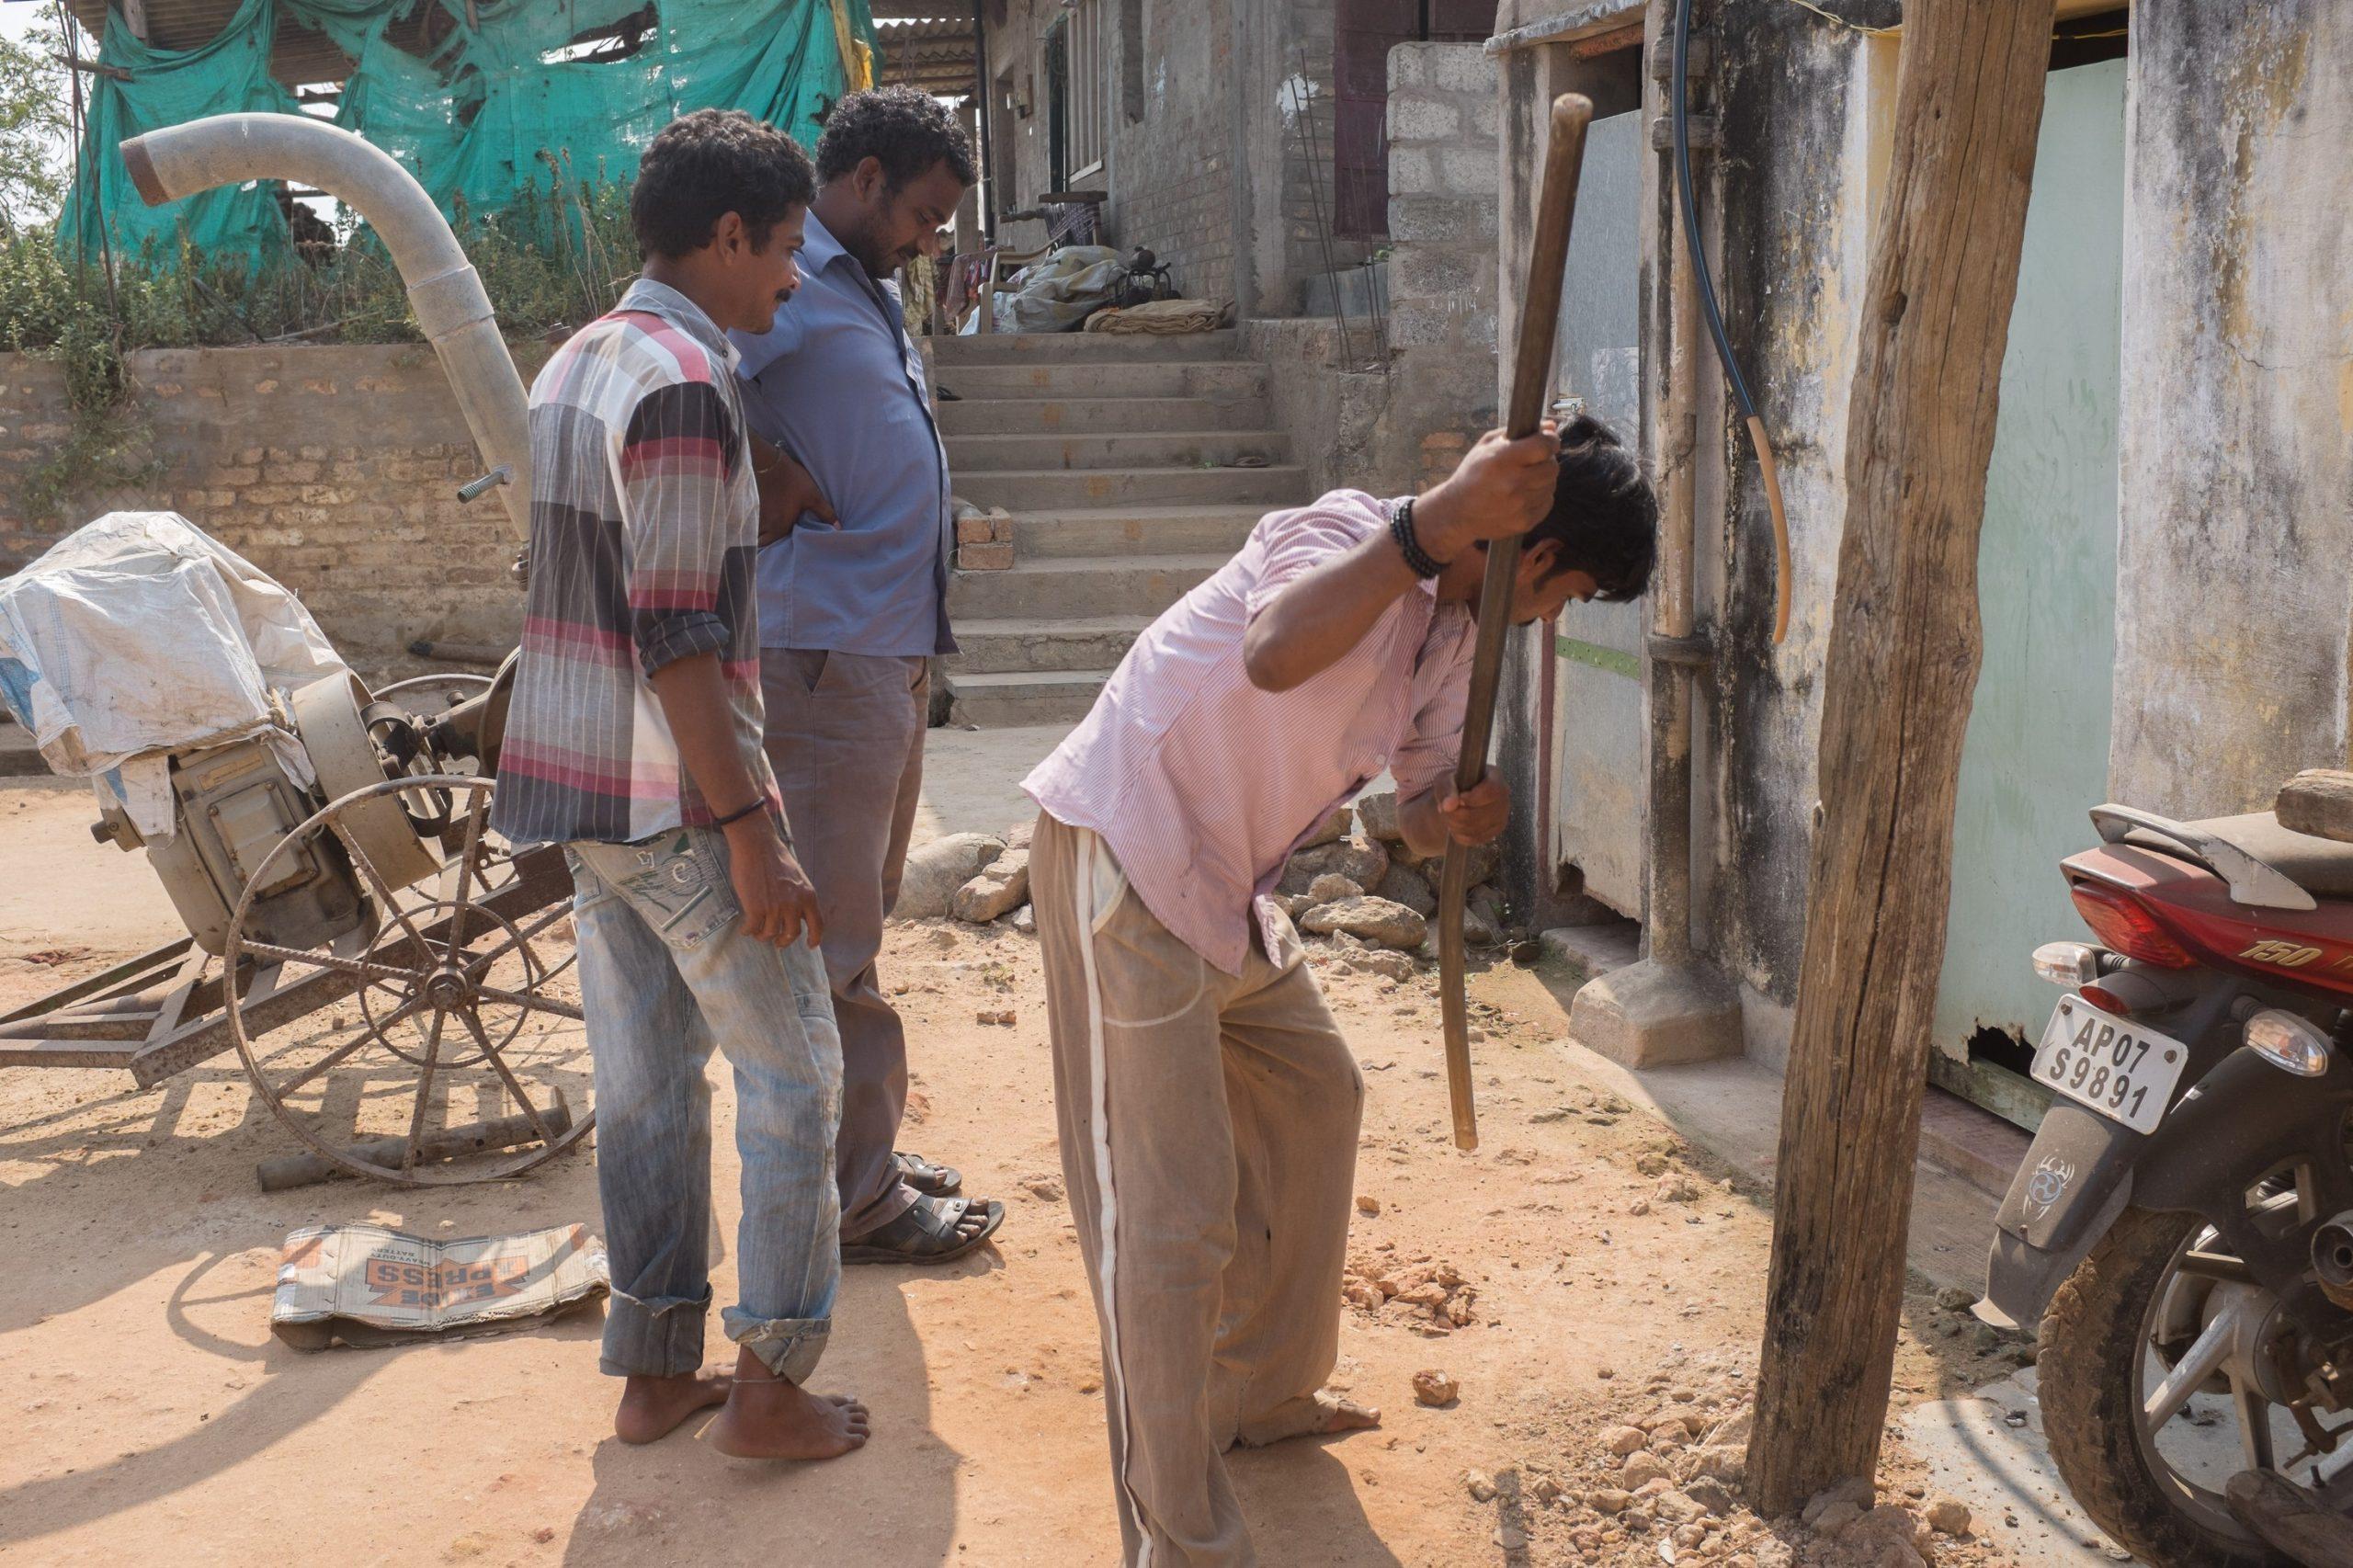 Men digging a sewage pit_sanitation workers_epw